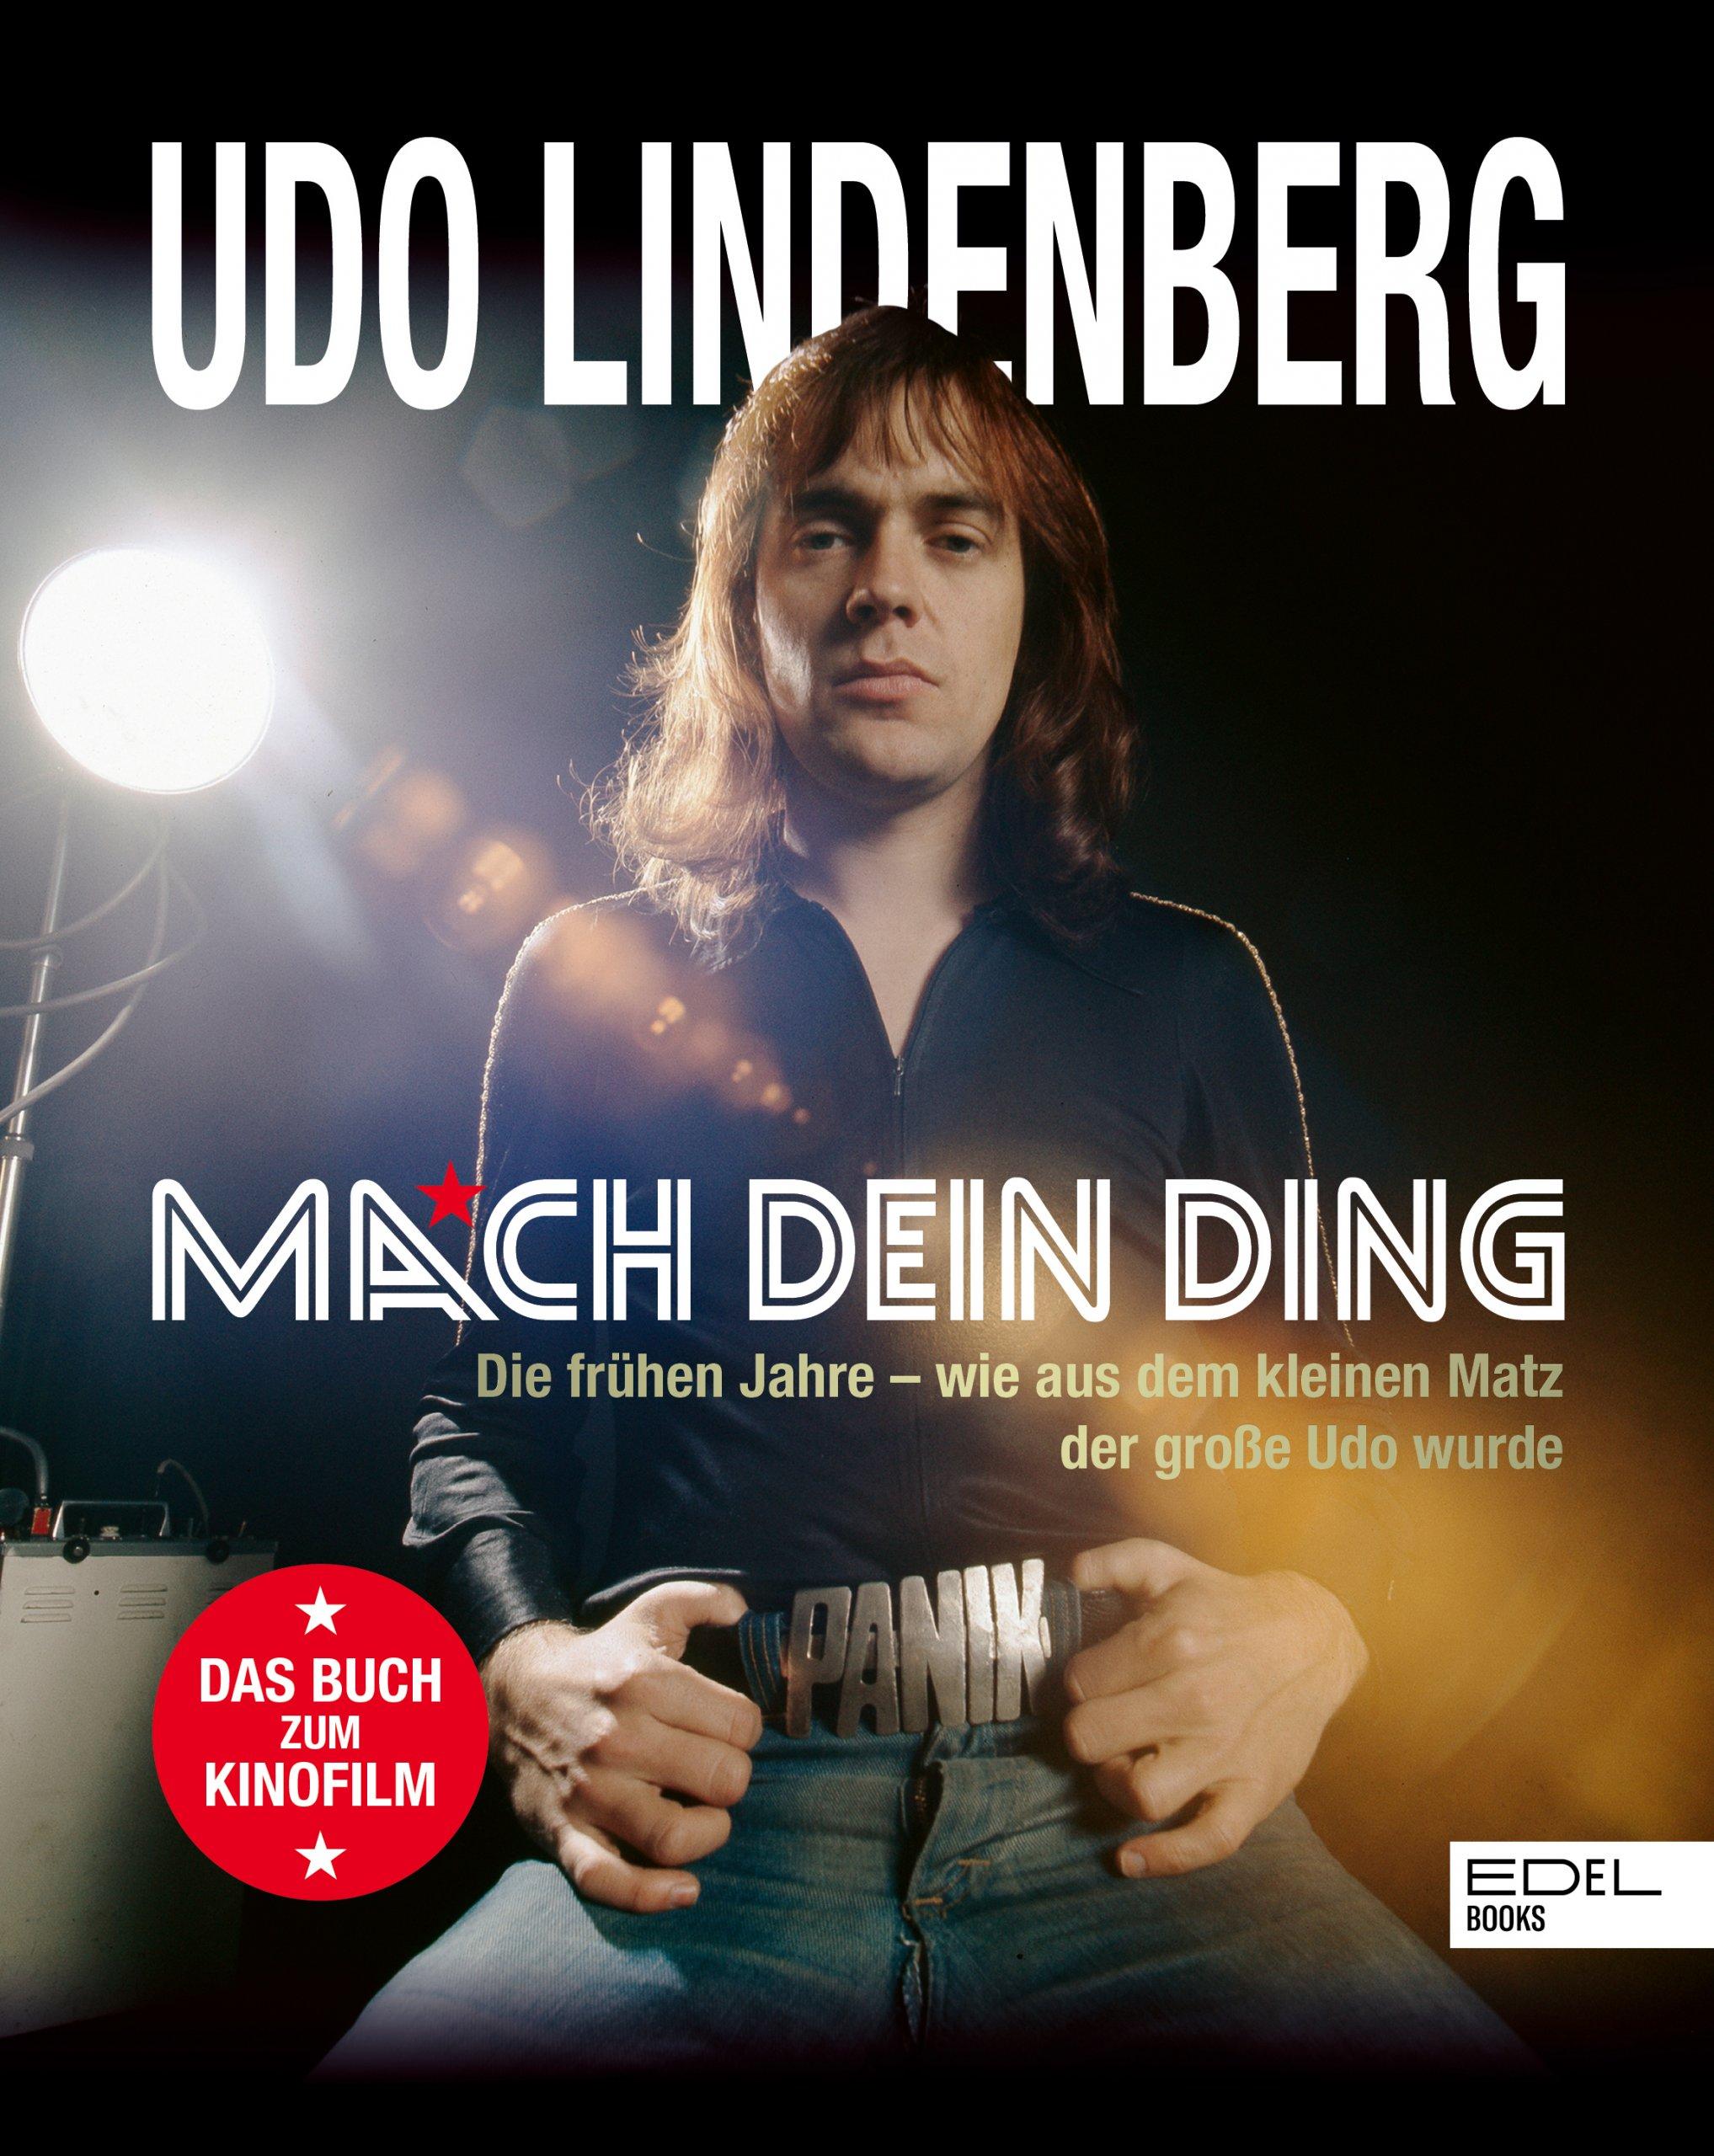 udo-lindenberg-mach-dein-ding-buchrezension